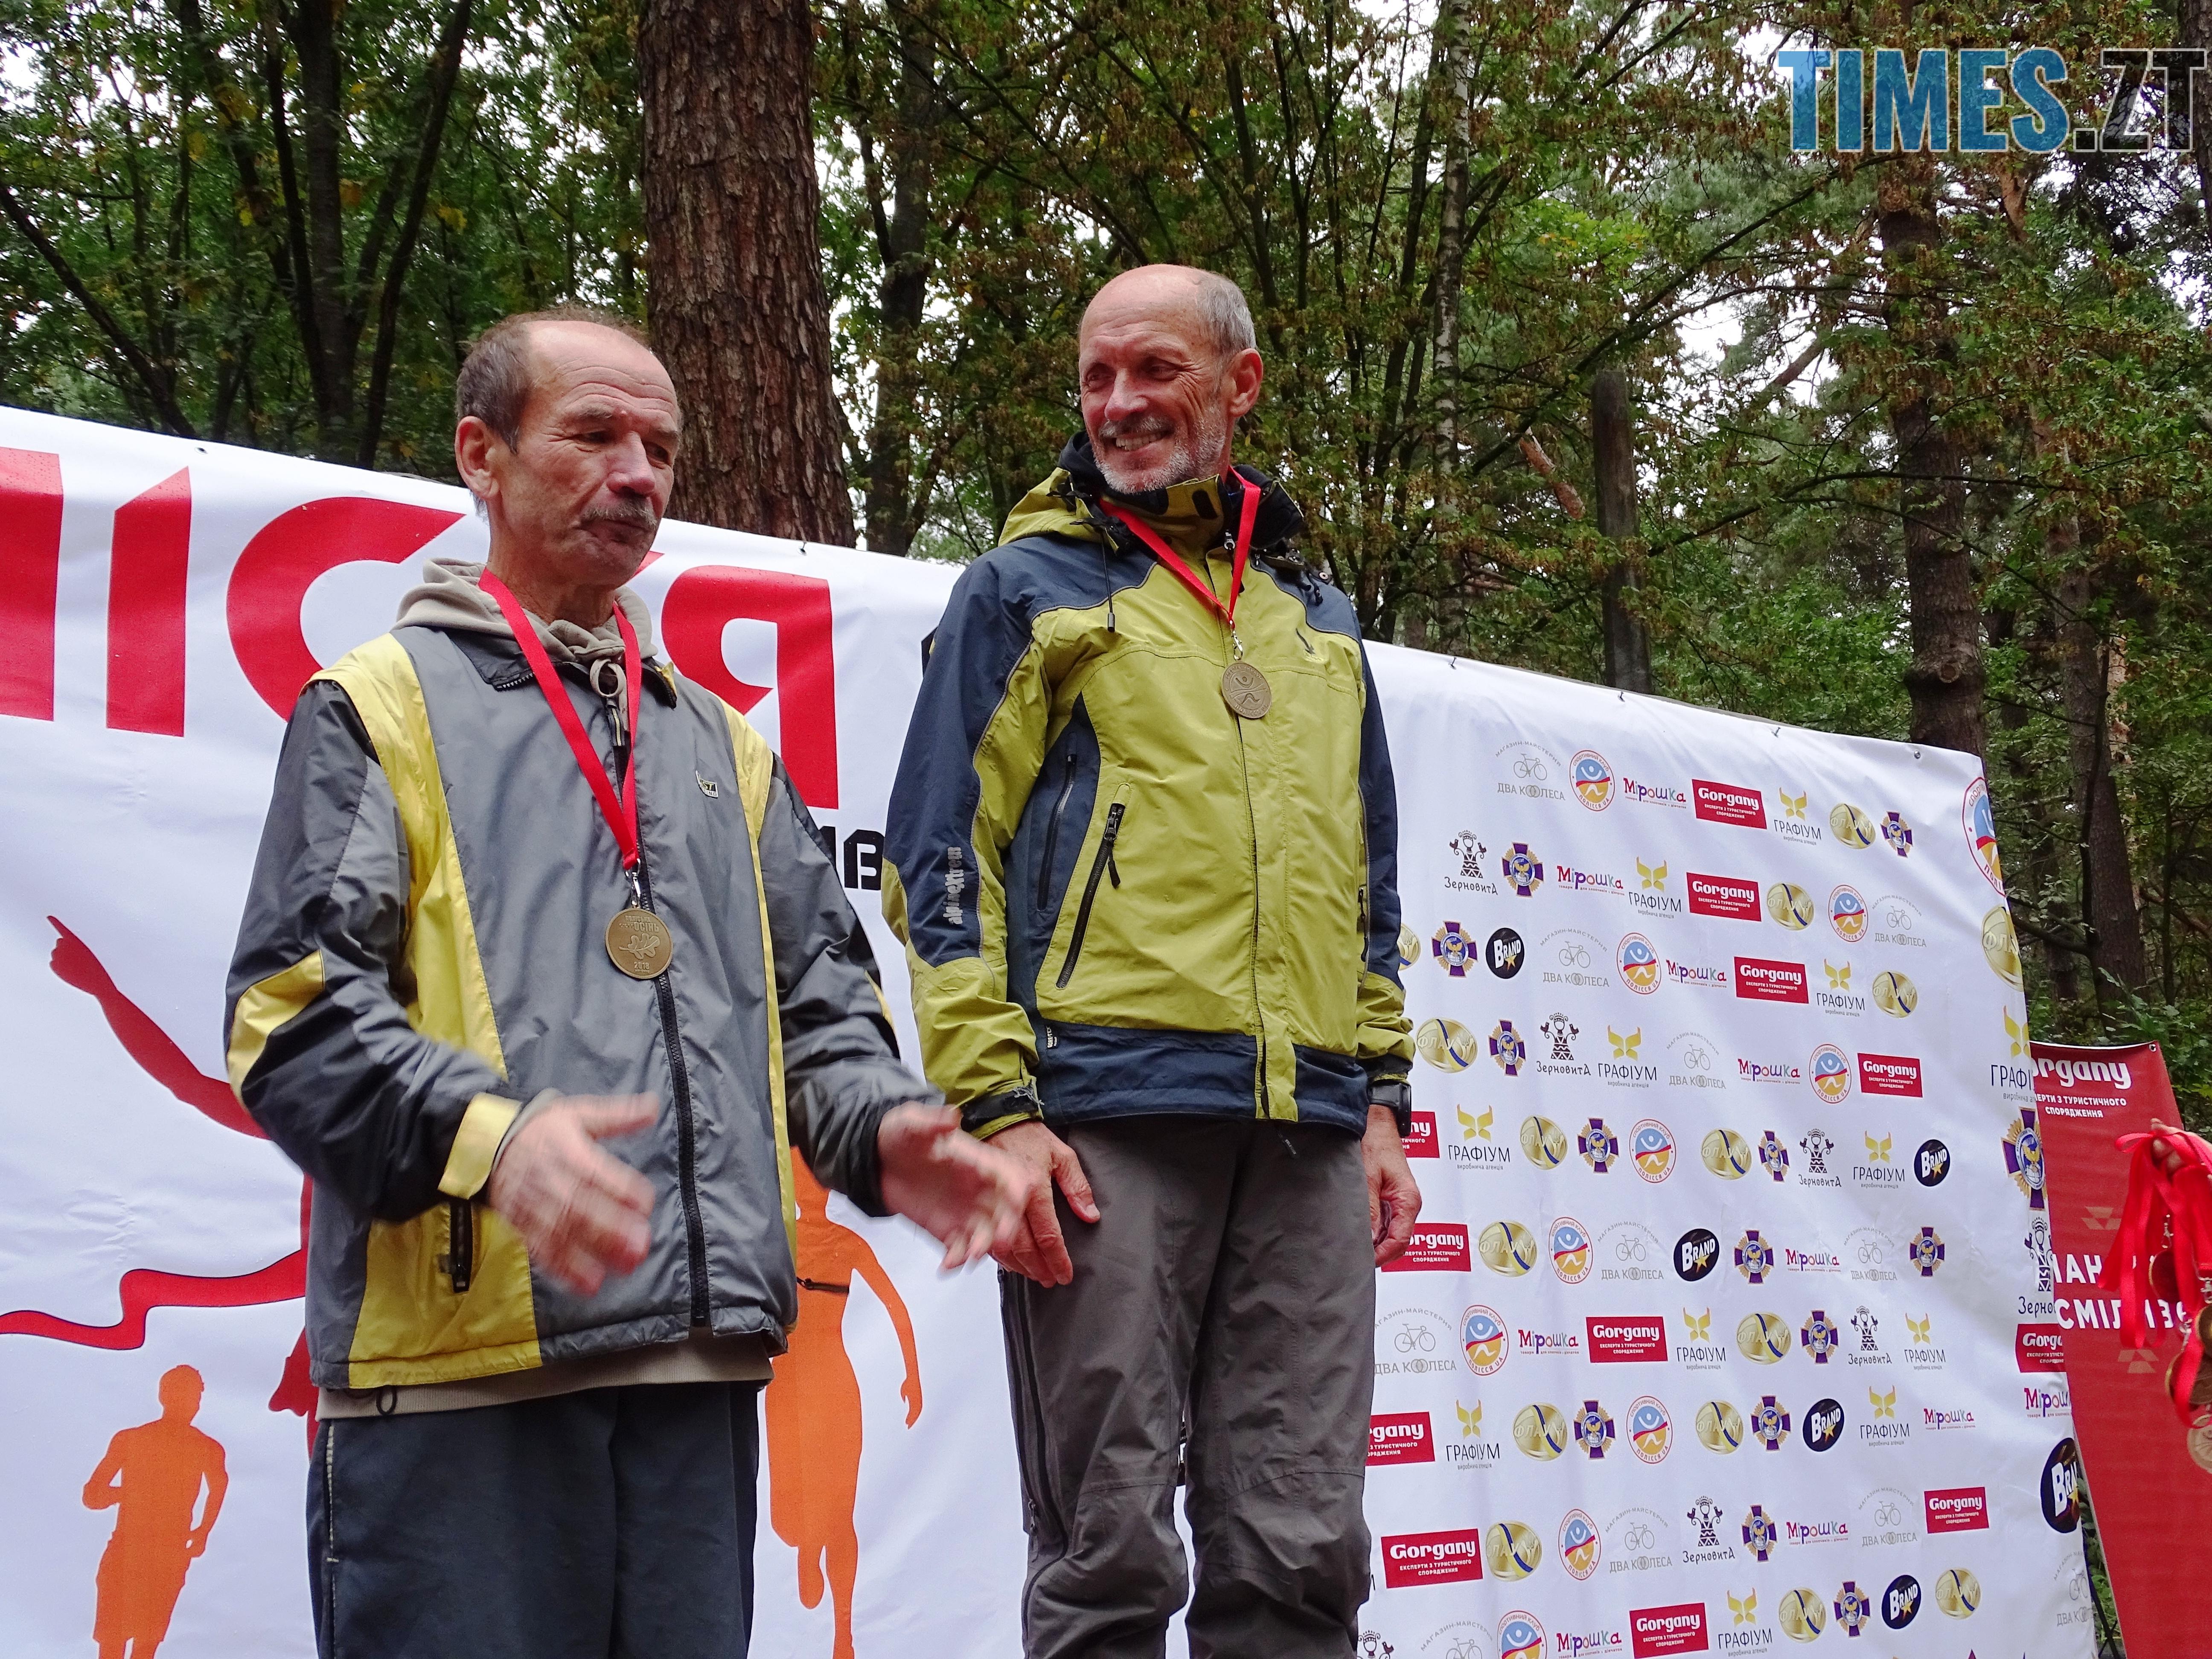 учасники змагань - У Житомирі відбулися змагання з кросу «Поліська осінь – 2018» (ФОТО)